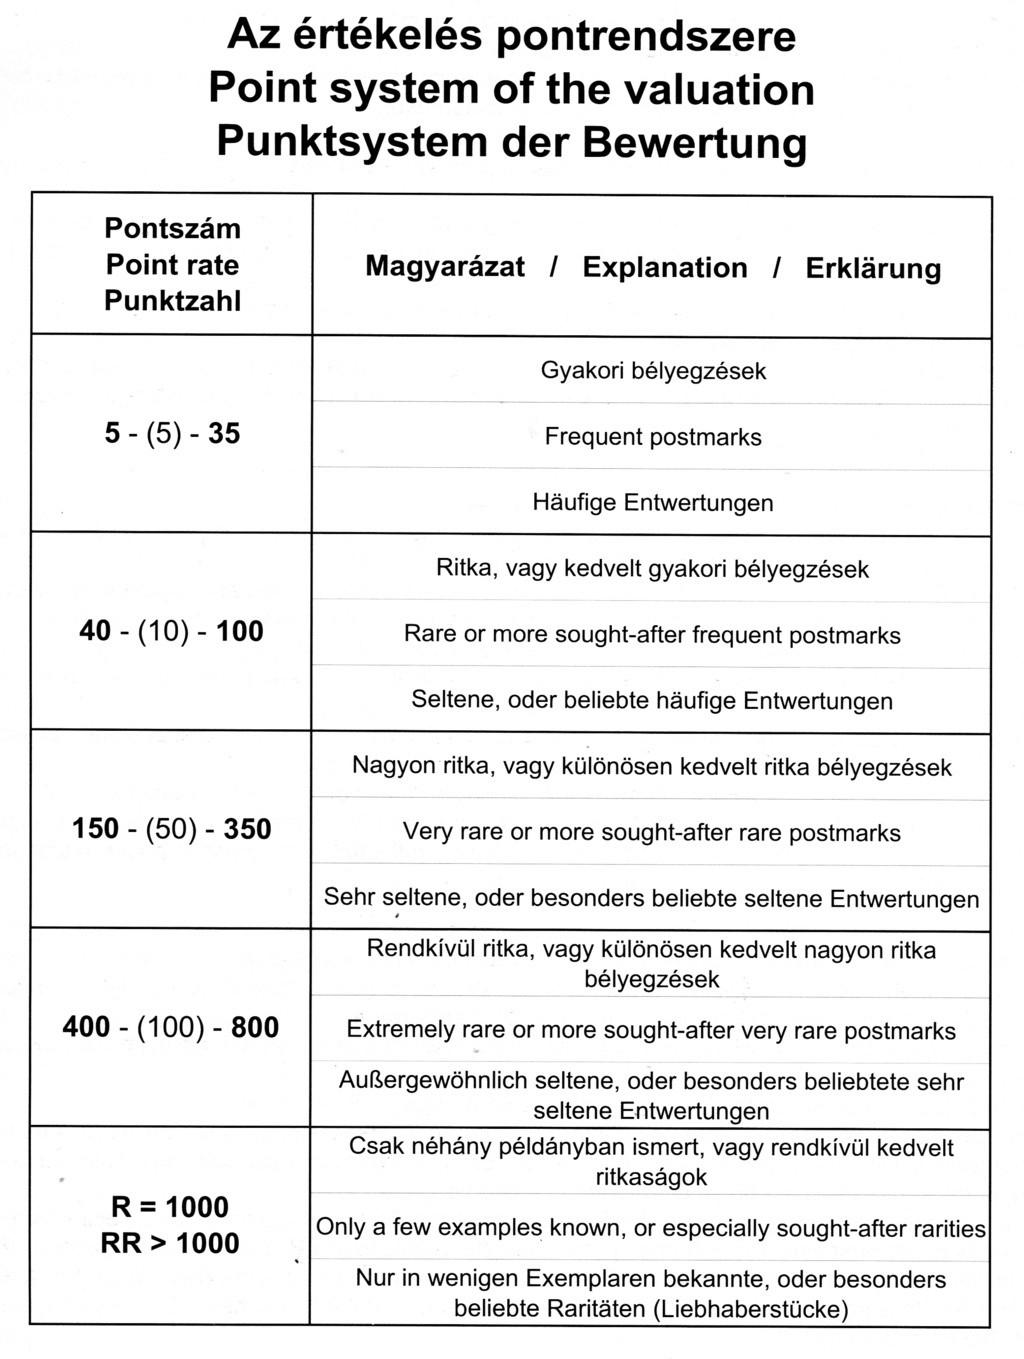 ungarn - m`s UNGARN 1871 Zz02010